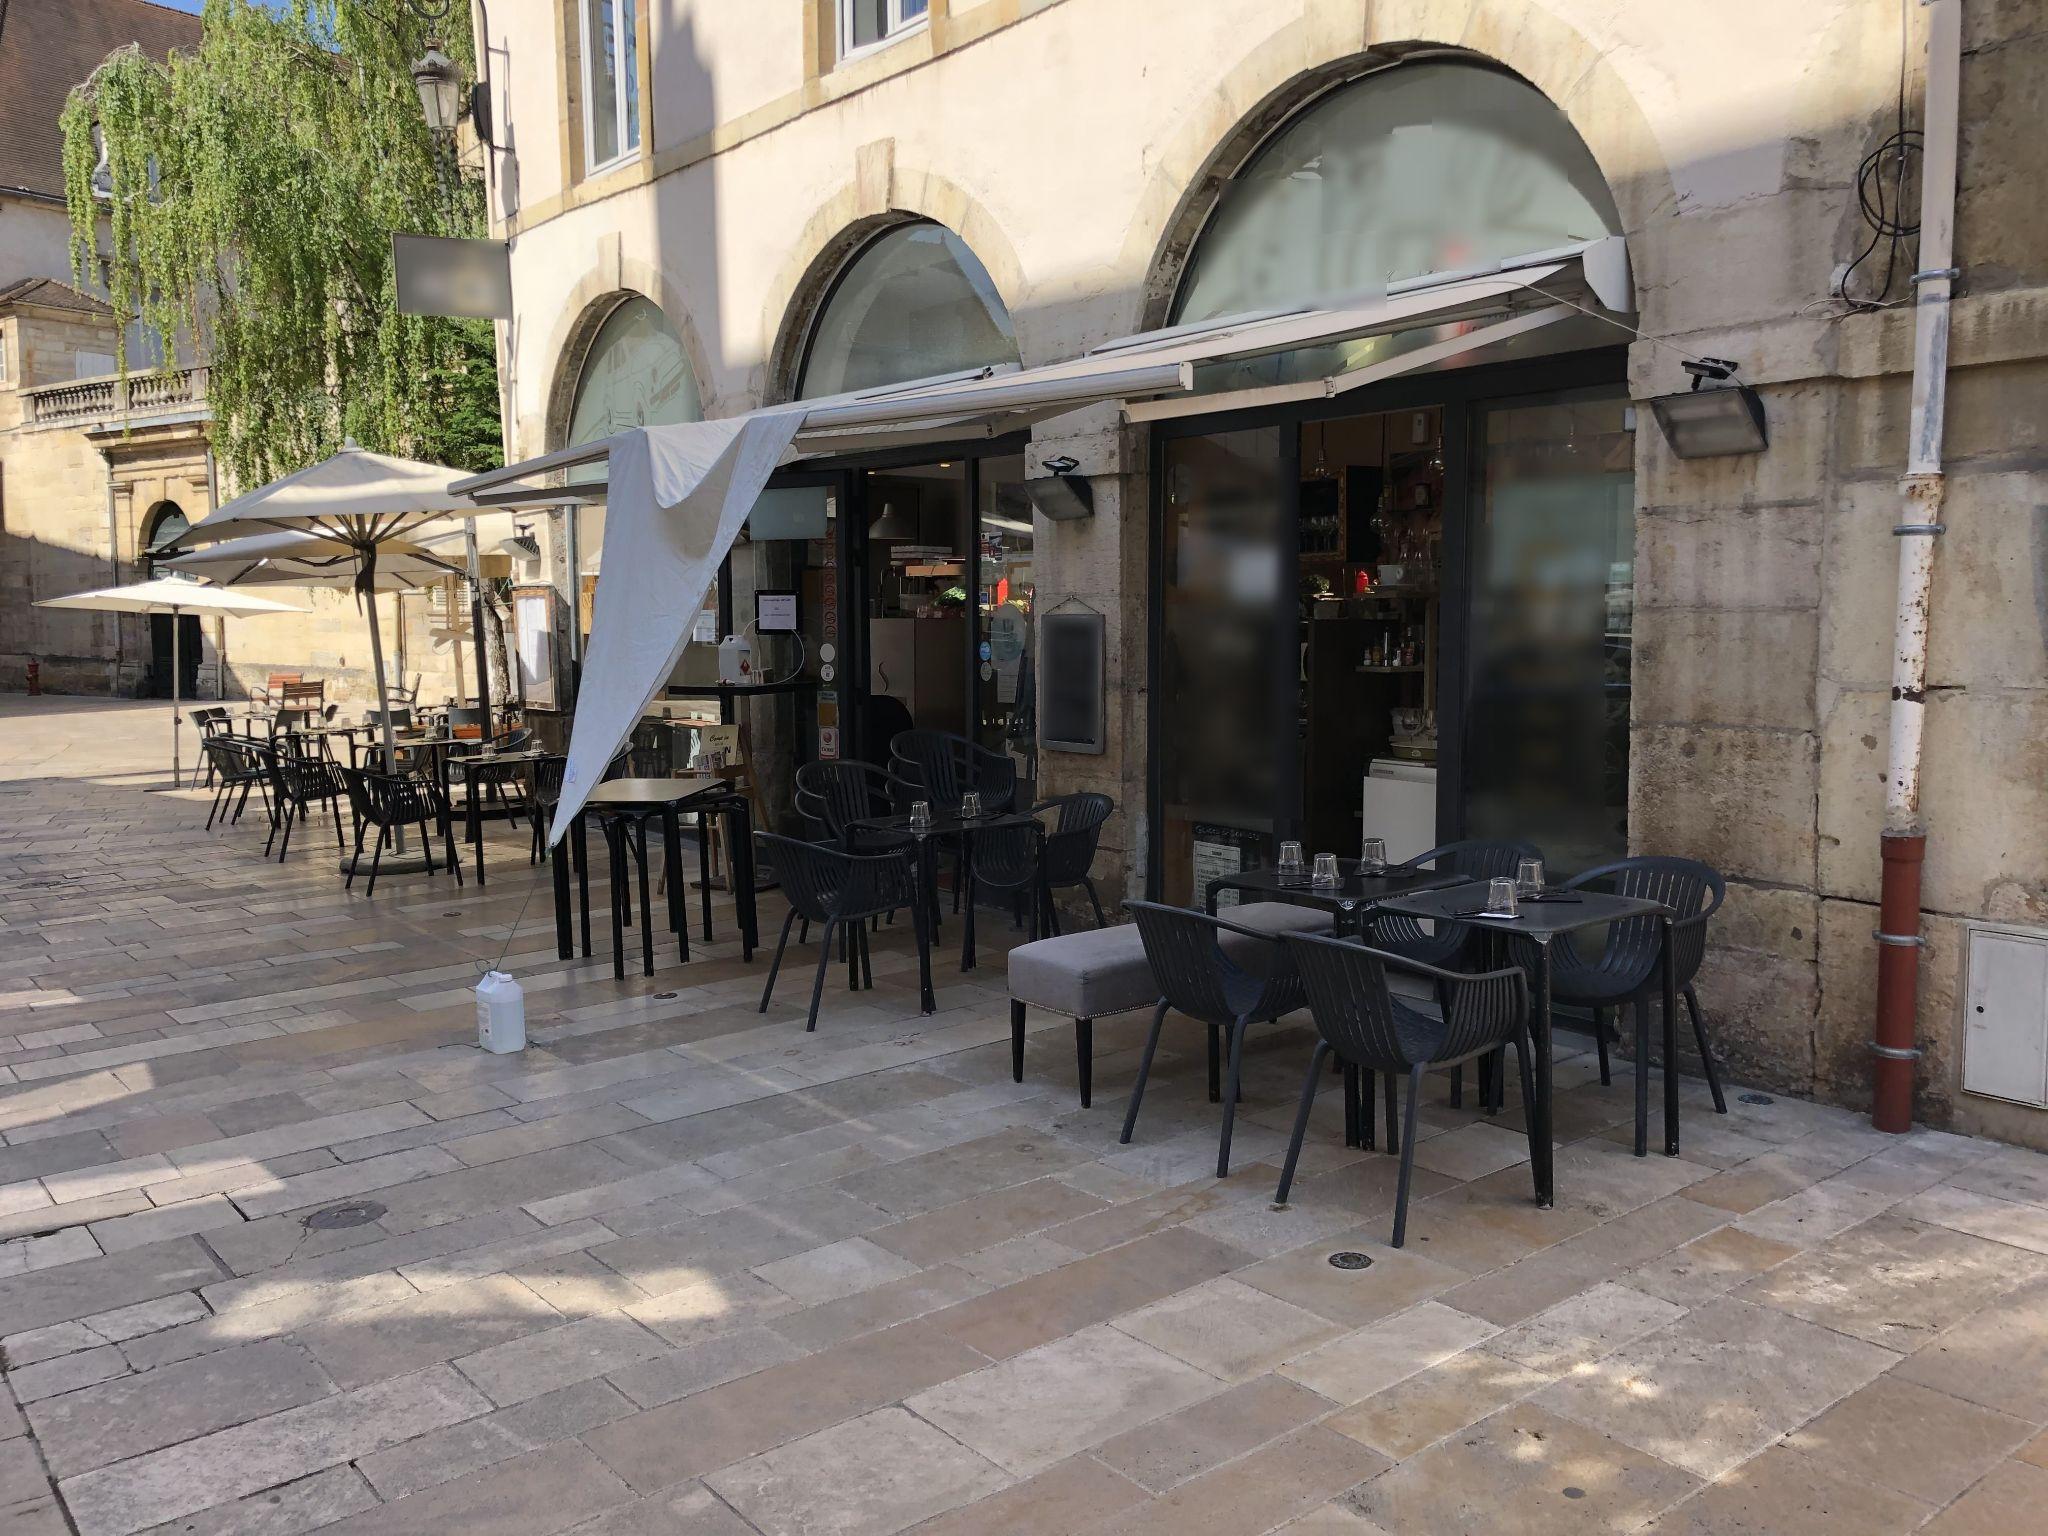 Vente Restauration gastronomique italienne à Dijon rue Vauban (21000)